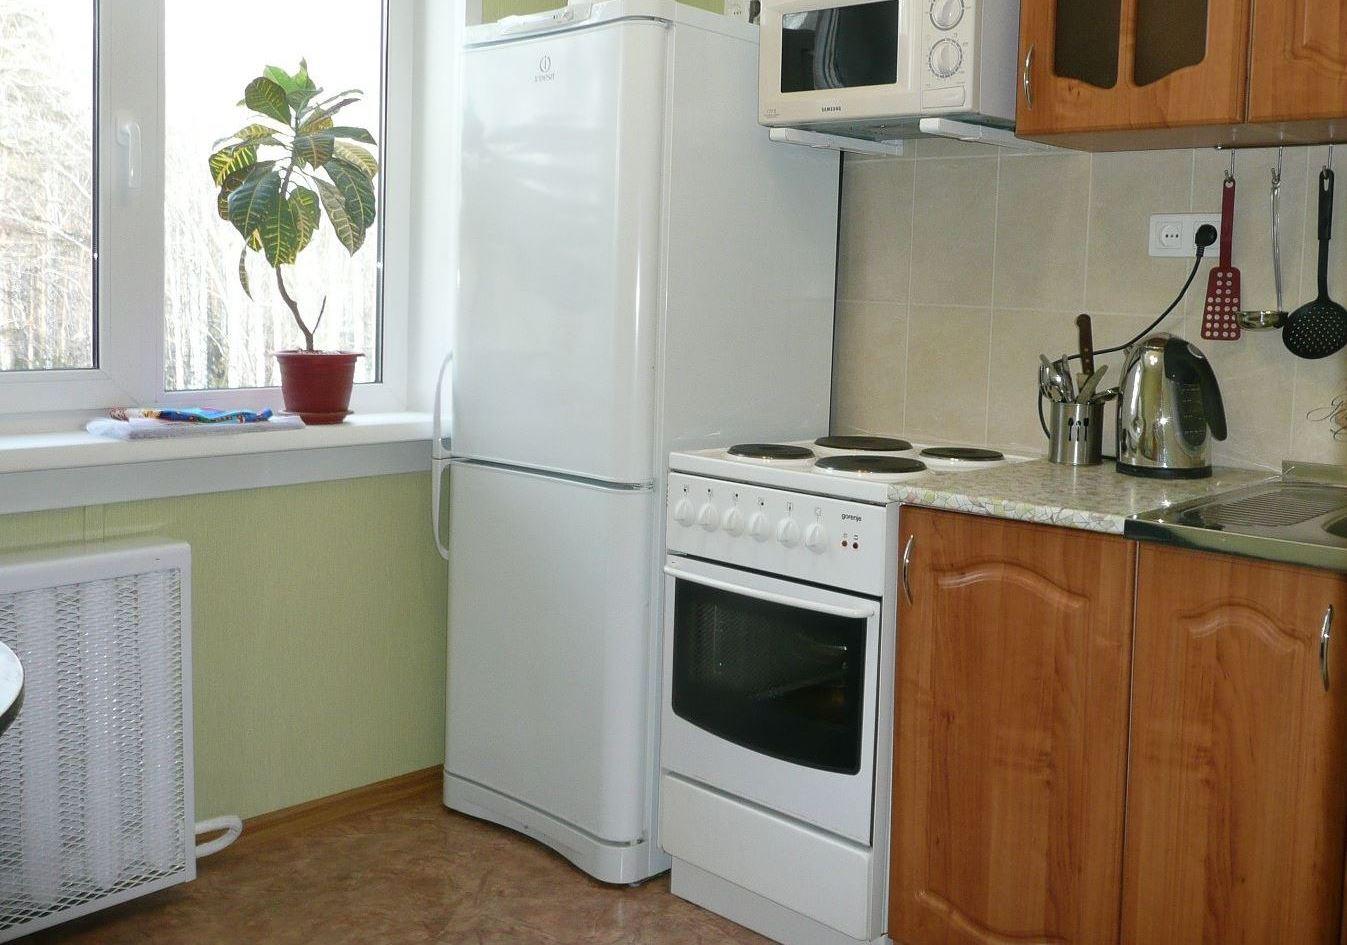 Можно ли ставить бытовой холодильник рядом с батареей отопления: необходимое расстояние, методы защиты с боковой стороной, советы специалистов